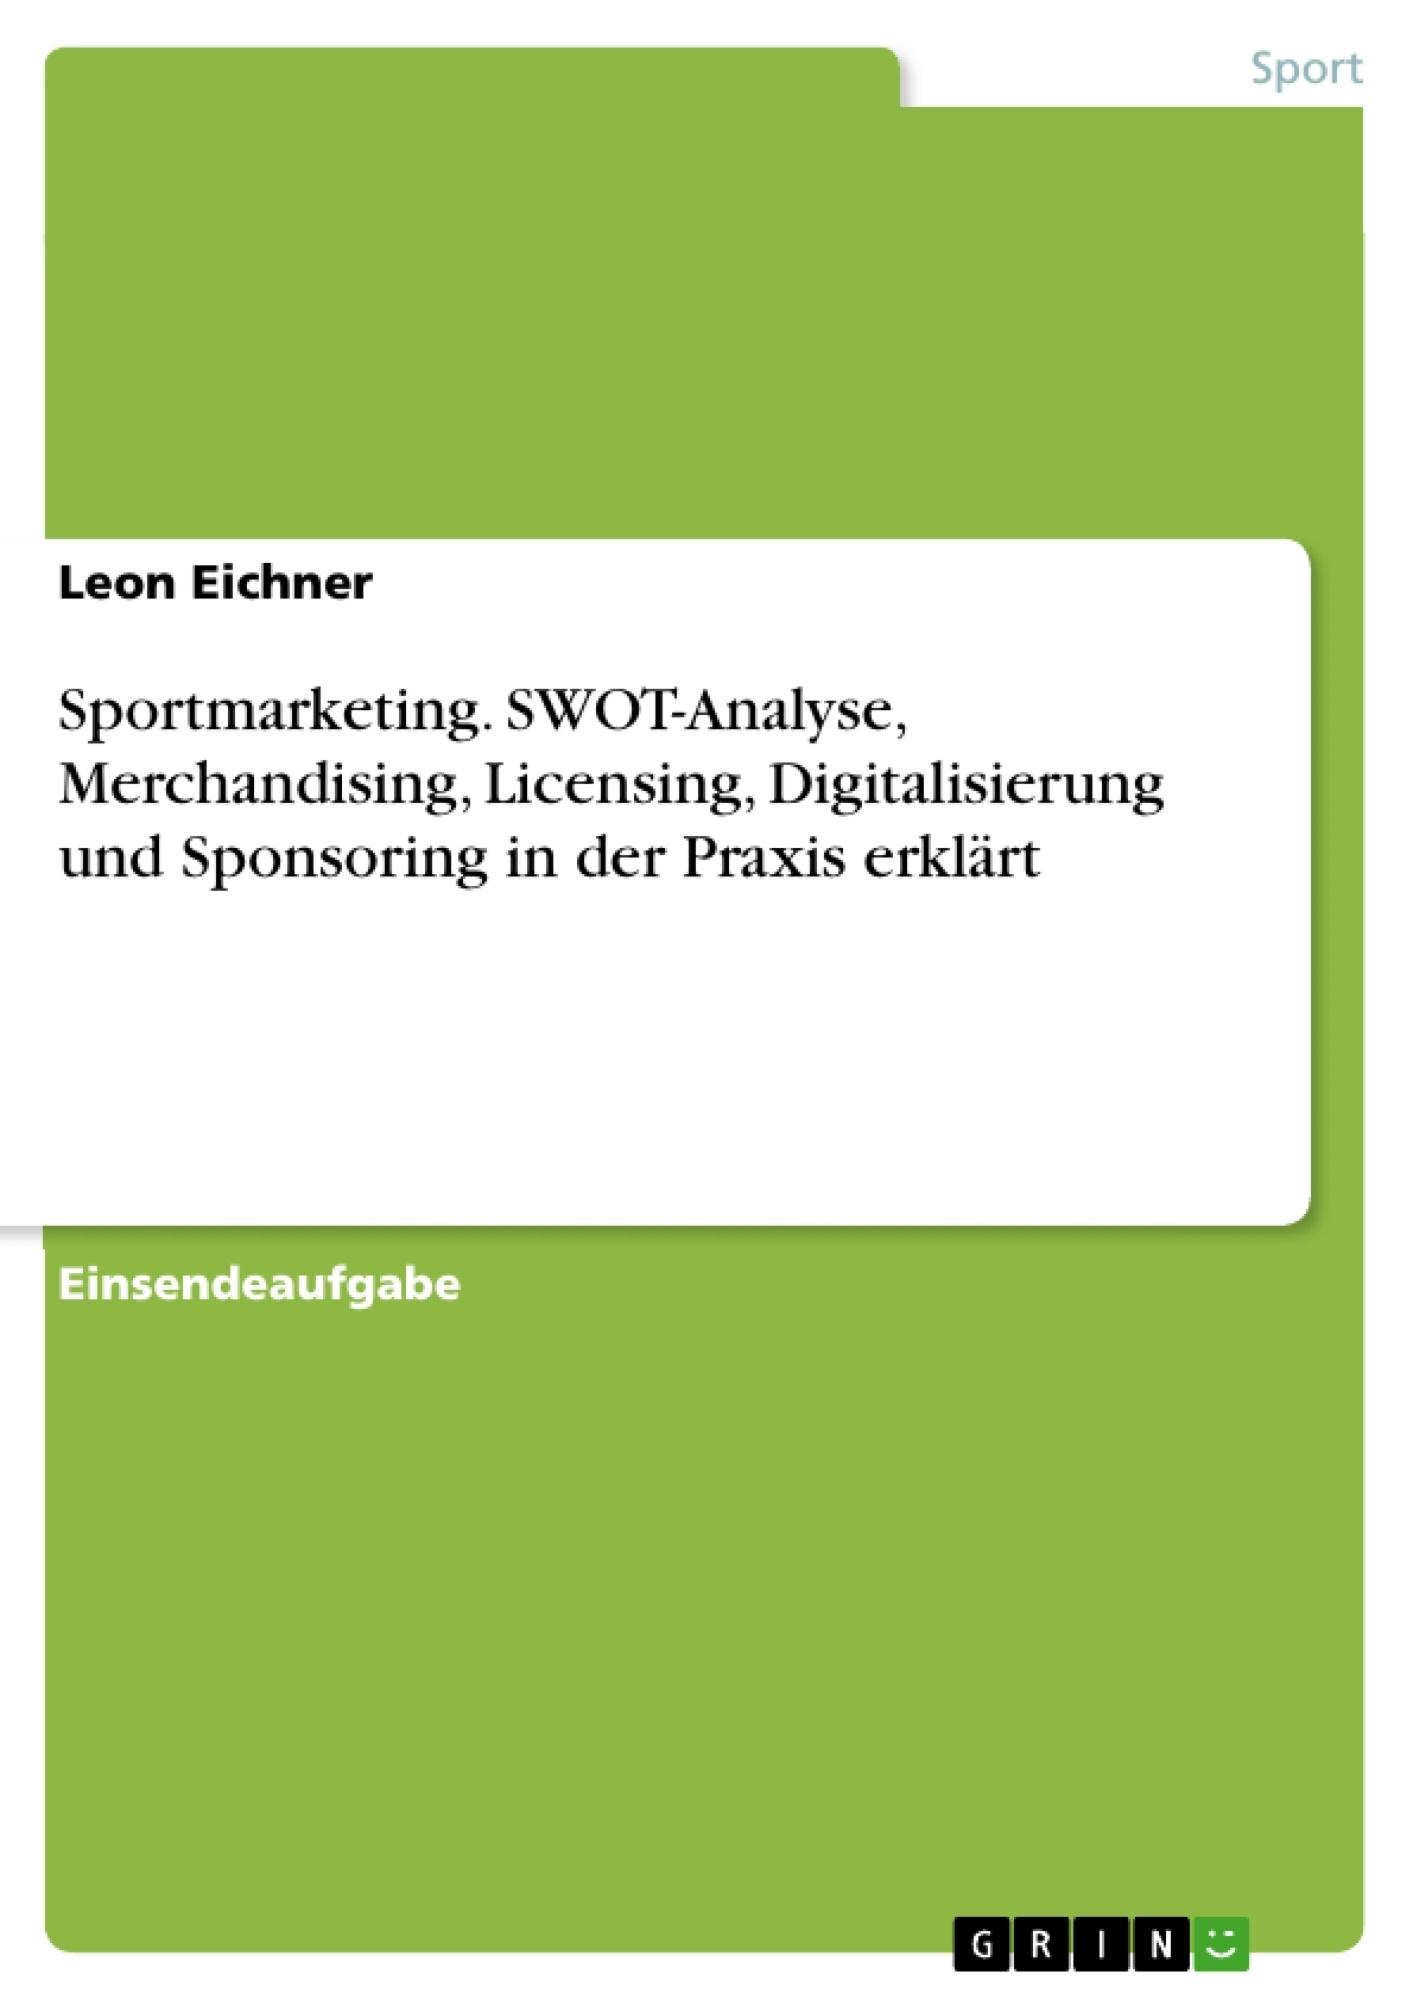 Titel: Sportmarketing. SWOT-Analyse, Merchandising, Licensing, Digitalisierung und Sponsoring in der Praxis erklärt